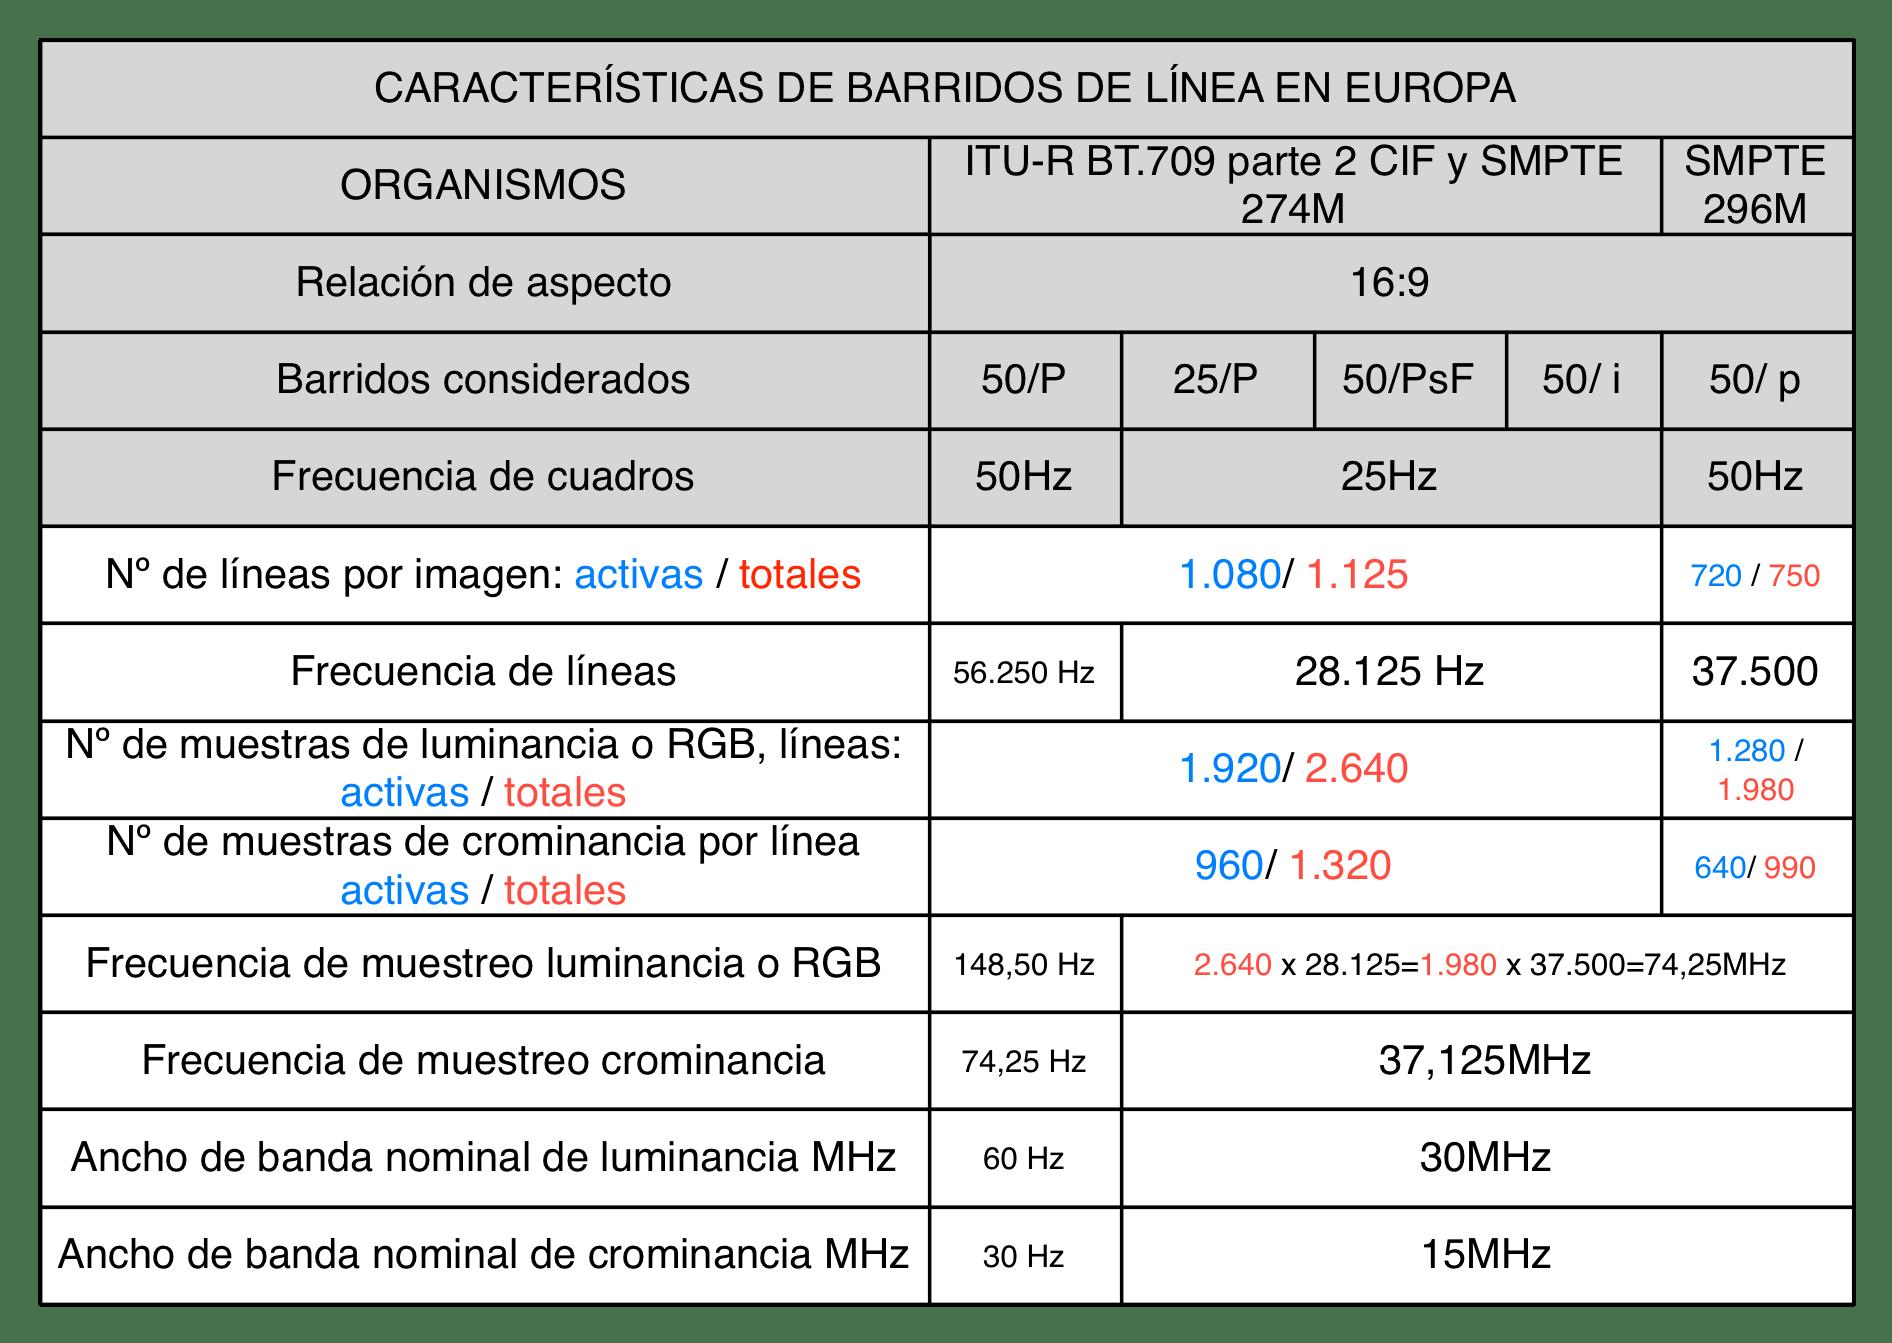 CARACTERÍSTICAS DE BARRIDOS DE LÍNEA EN EUROPA